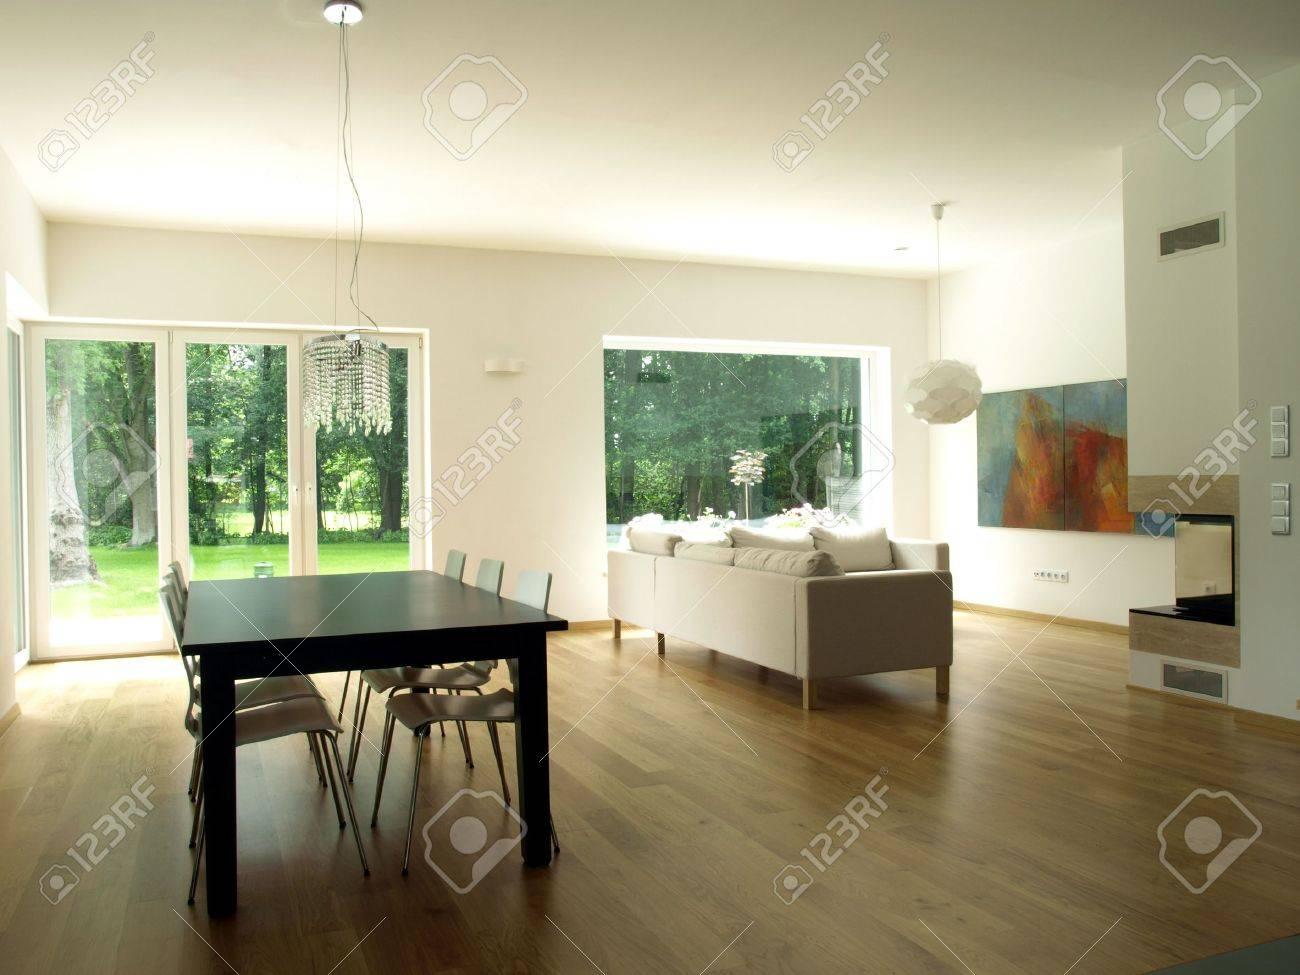 Interieur van modern huis, eetkamer, woonkamer royalty vrije foto ...